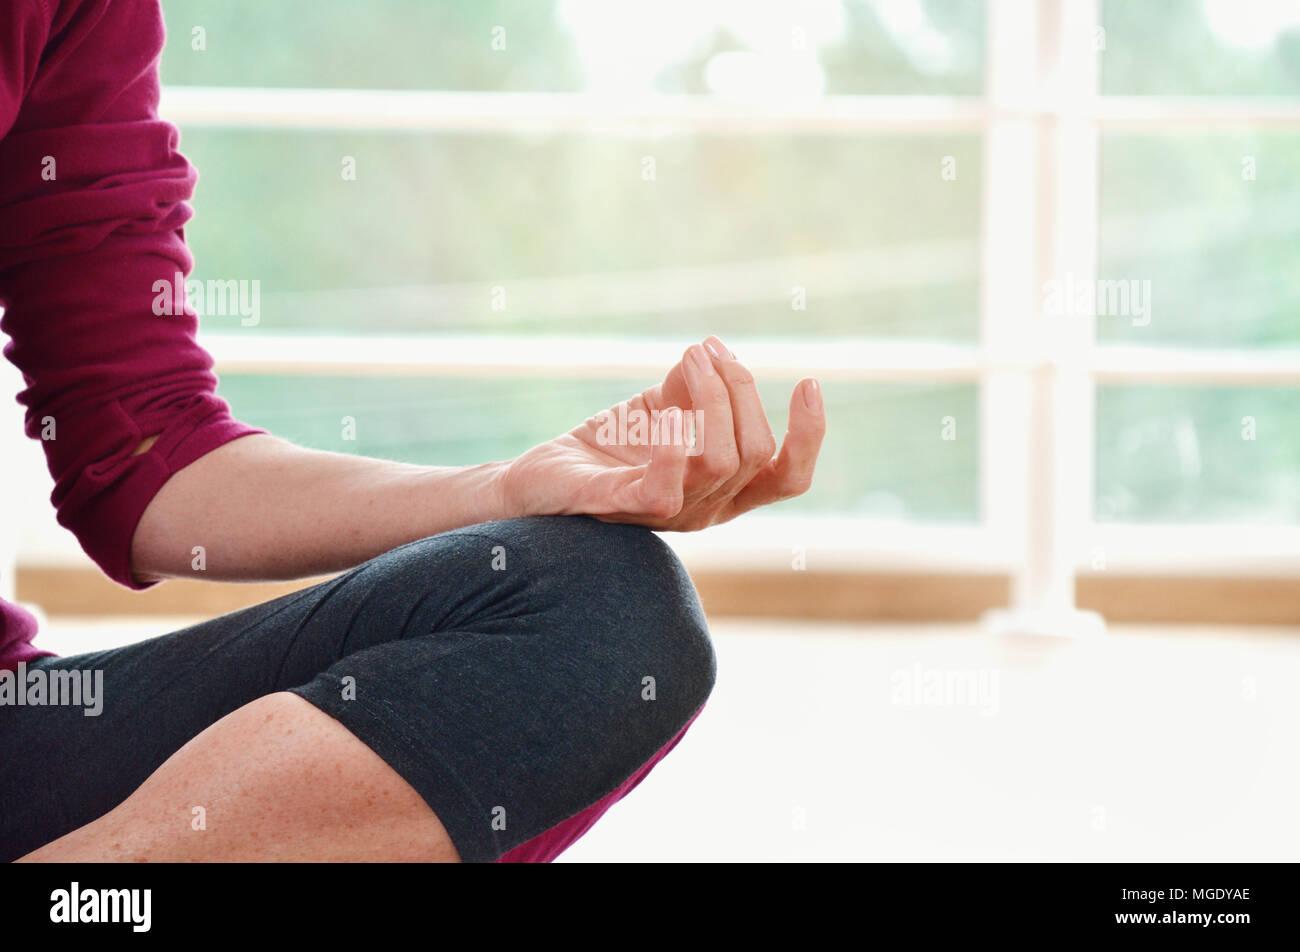 Donna matura seduta sul pavimento nella posizione del loto. Un sano concetto di fitness con uno stile di vita attivo. Close up Foto Stock